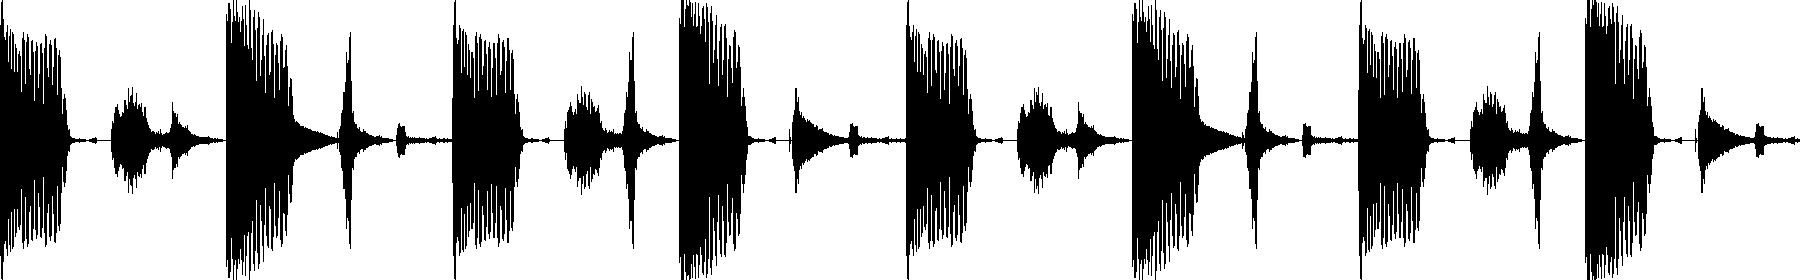 ehp drloop 127 simple